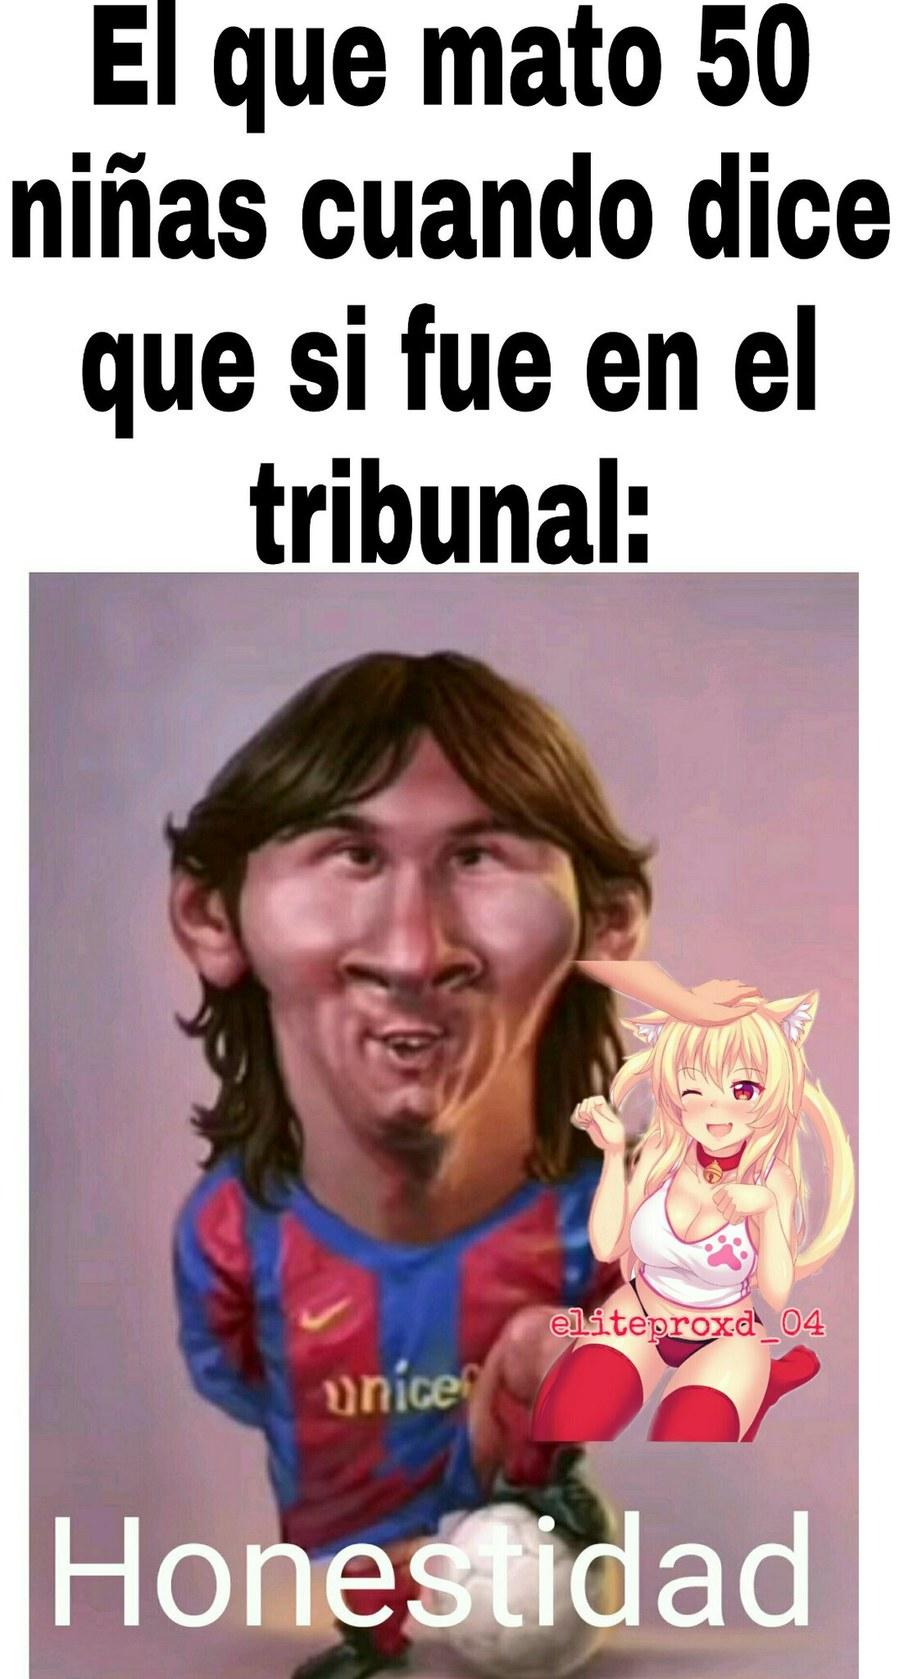 El título buscara a esos seres tan repugnantes - meme